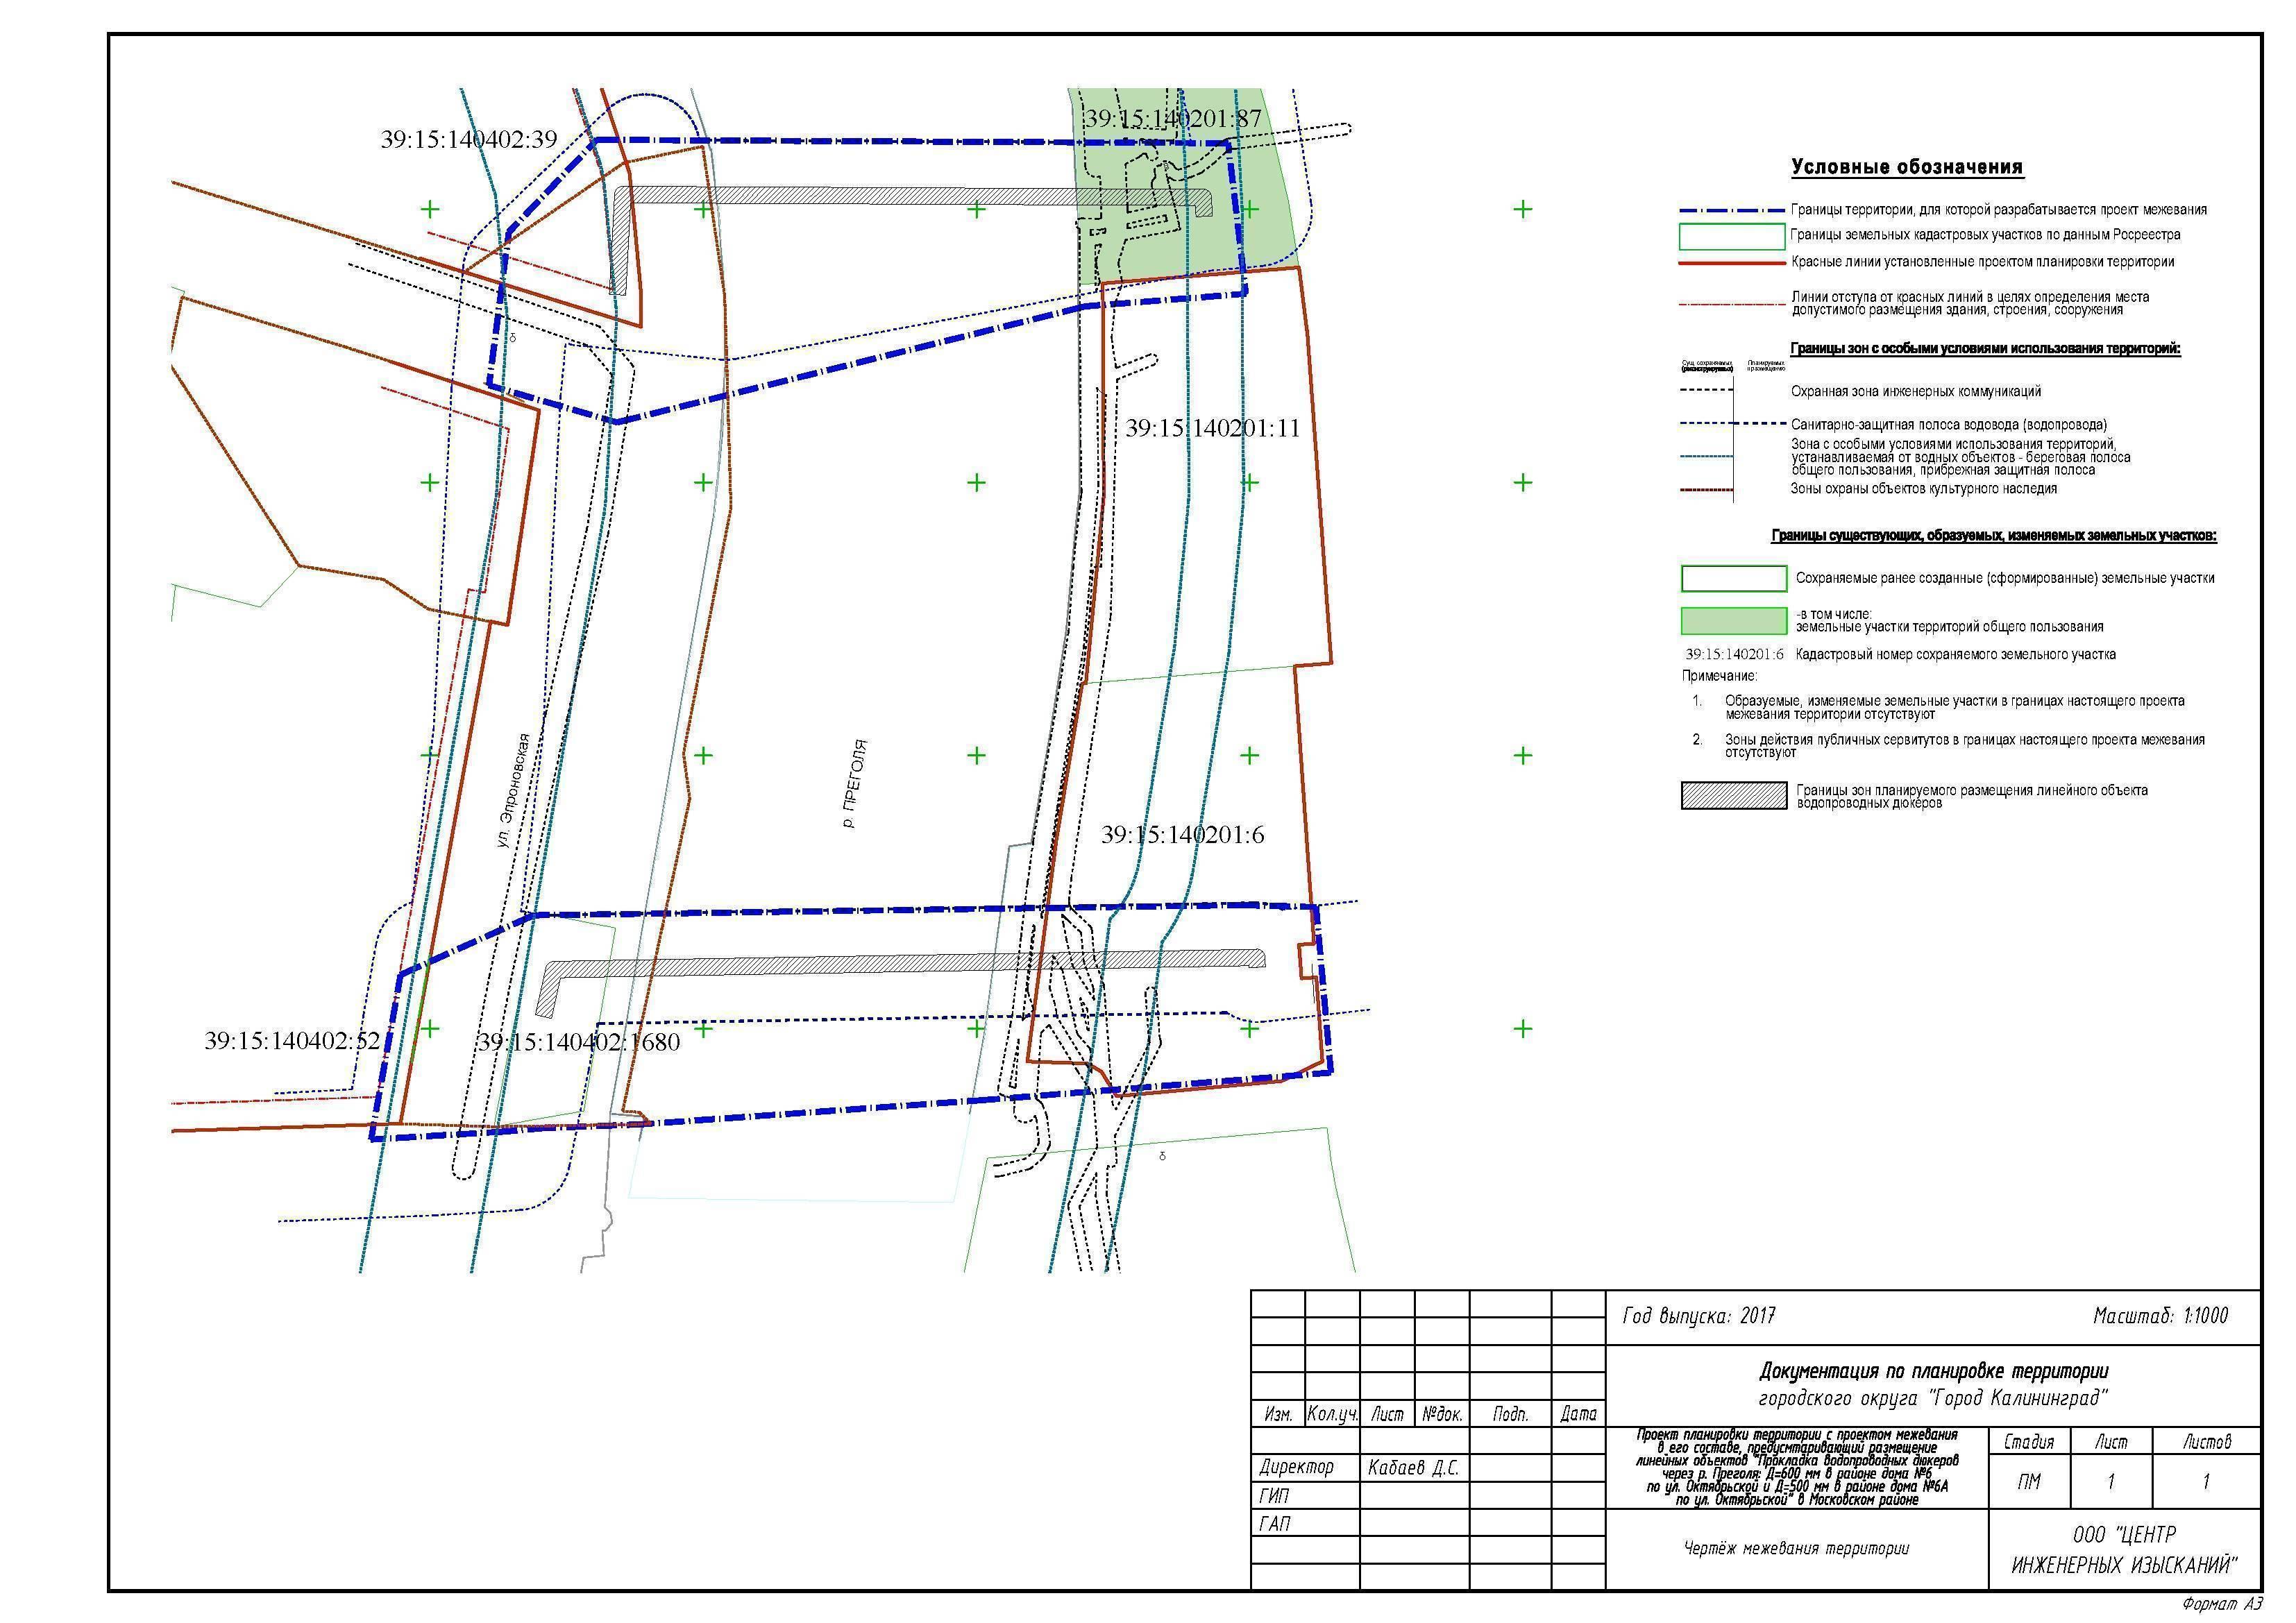 Как определяется охранная зона канализации